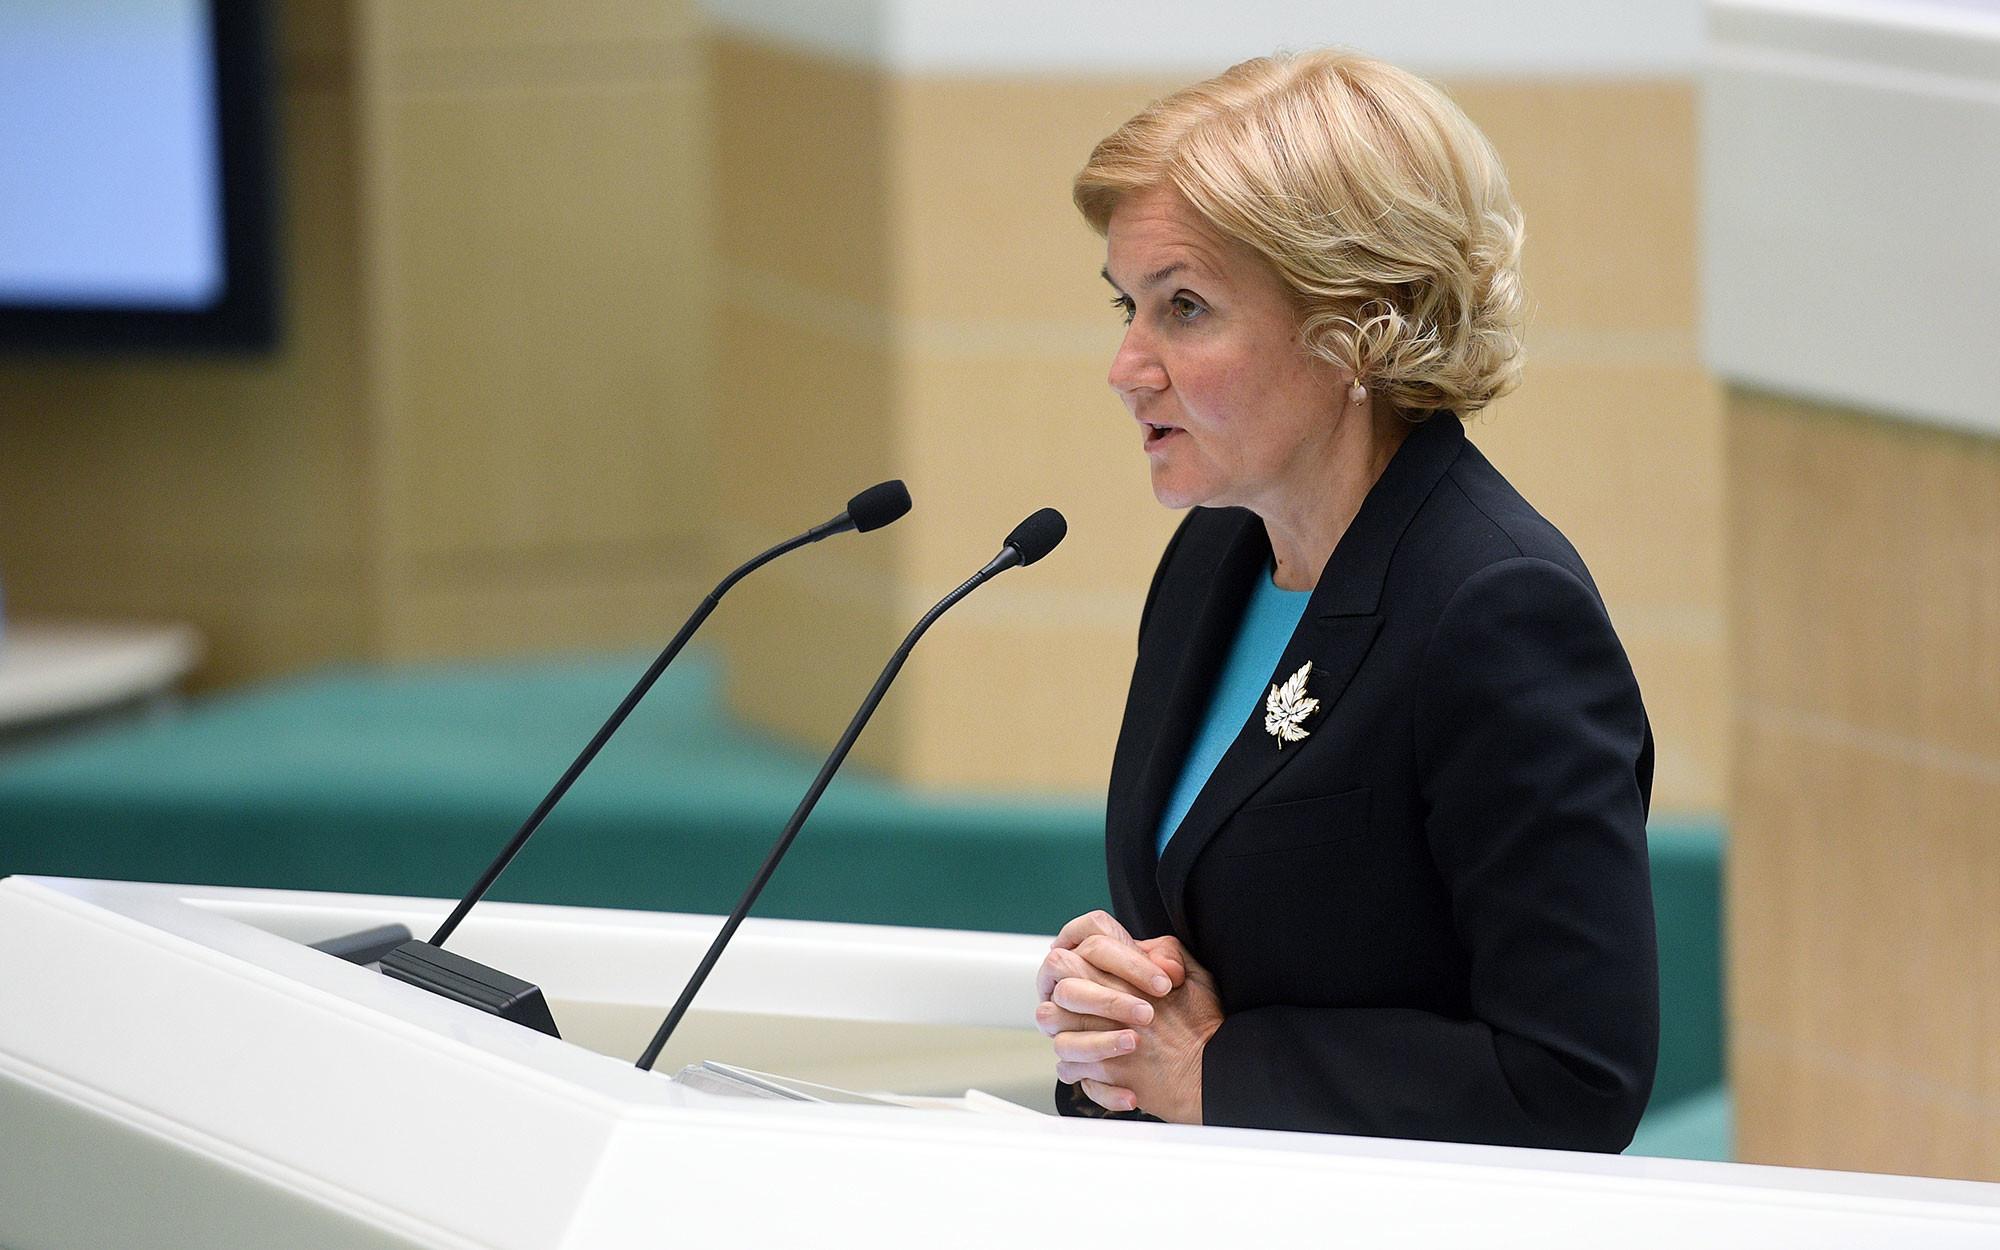 Вице-премьер Ольга Голодец. Фото: © РИА Новости / Владимир Астапкович